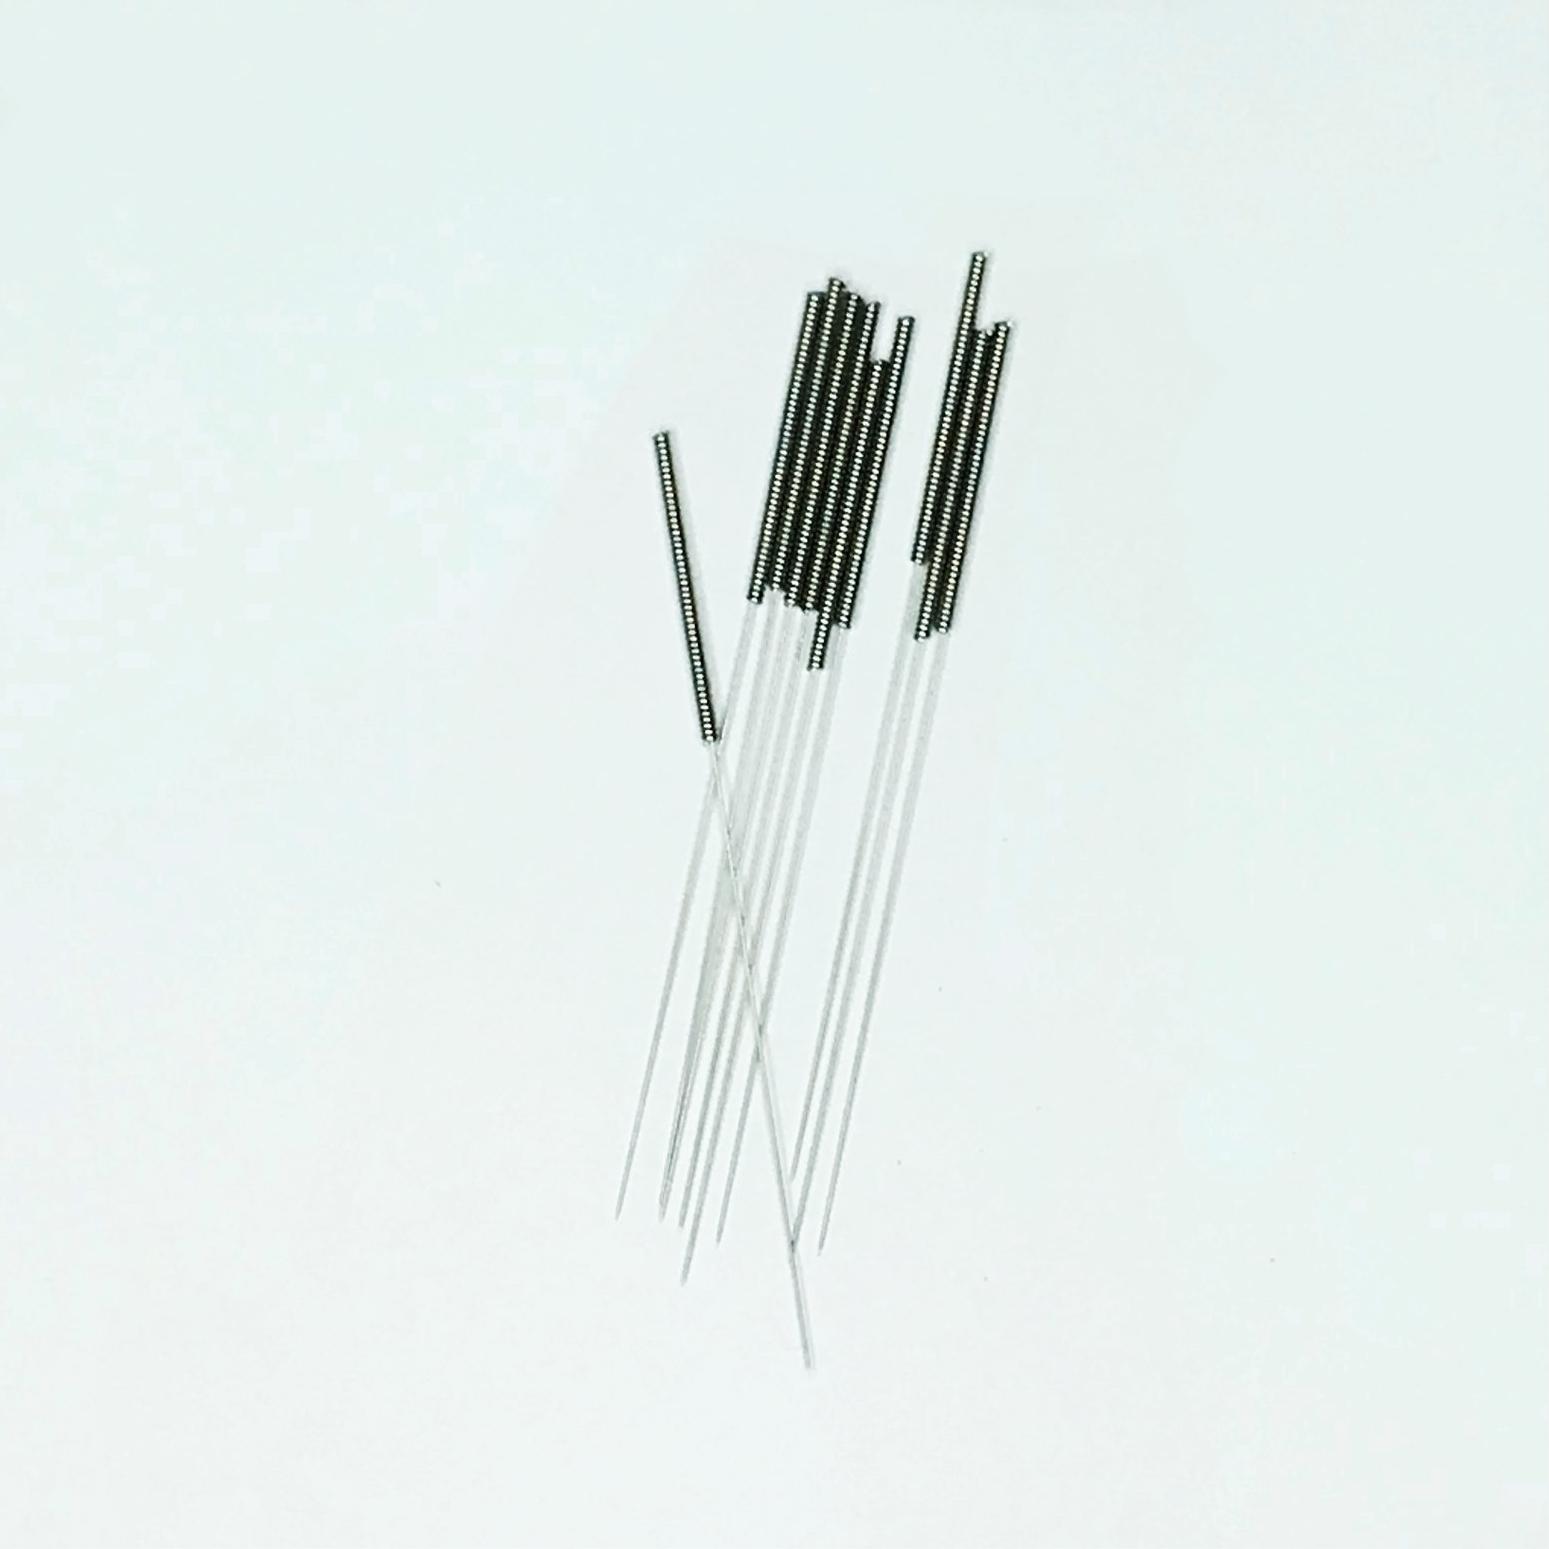 Needles_white.jpg